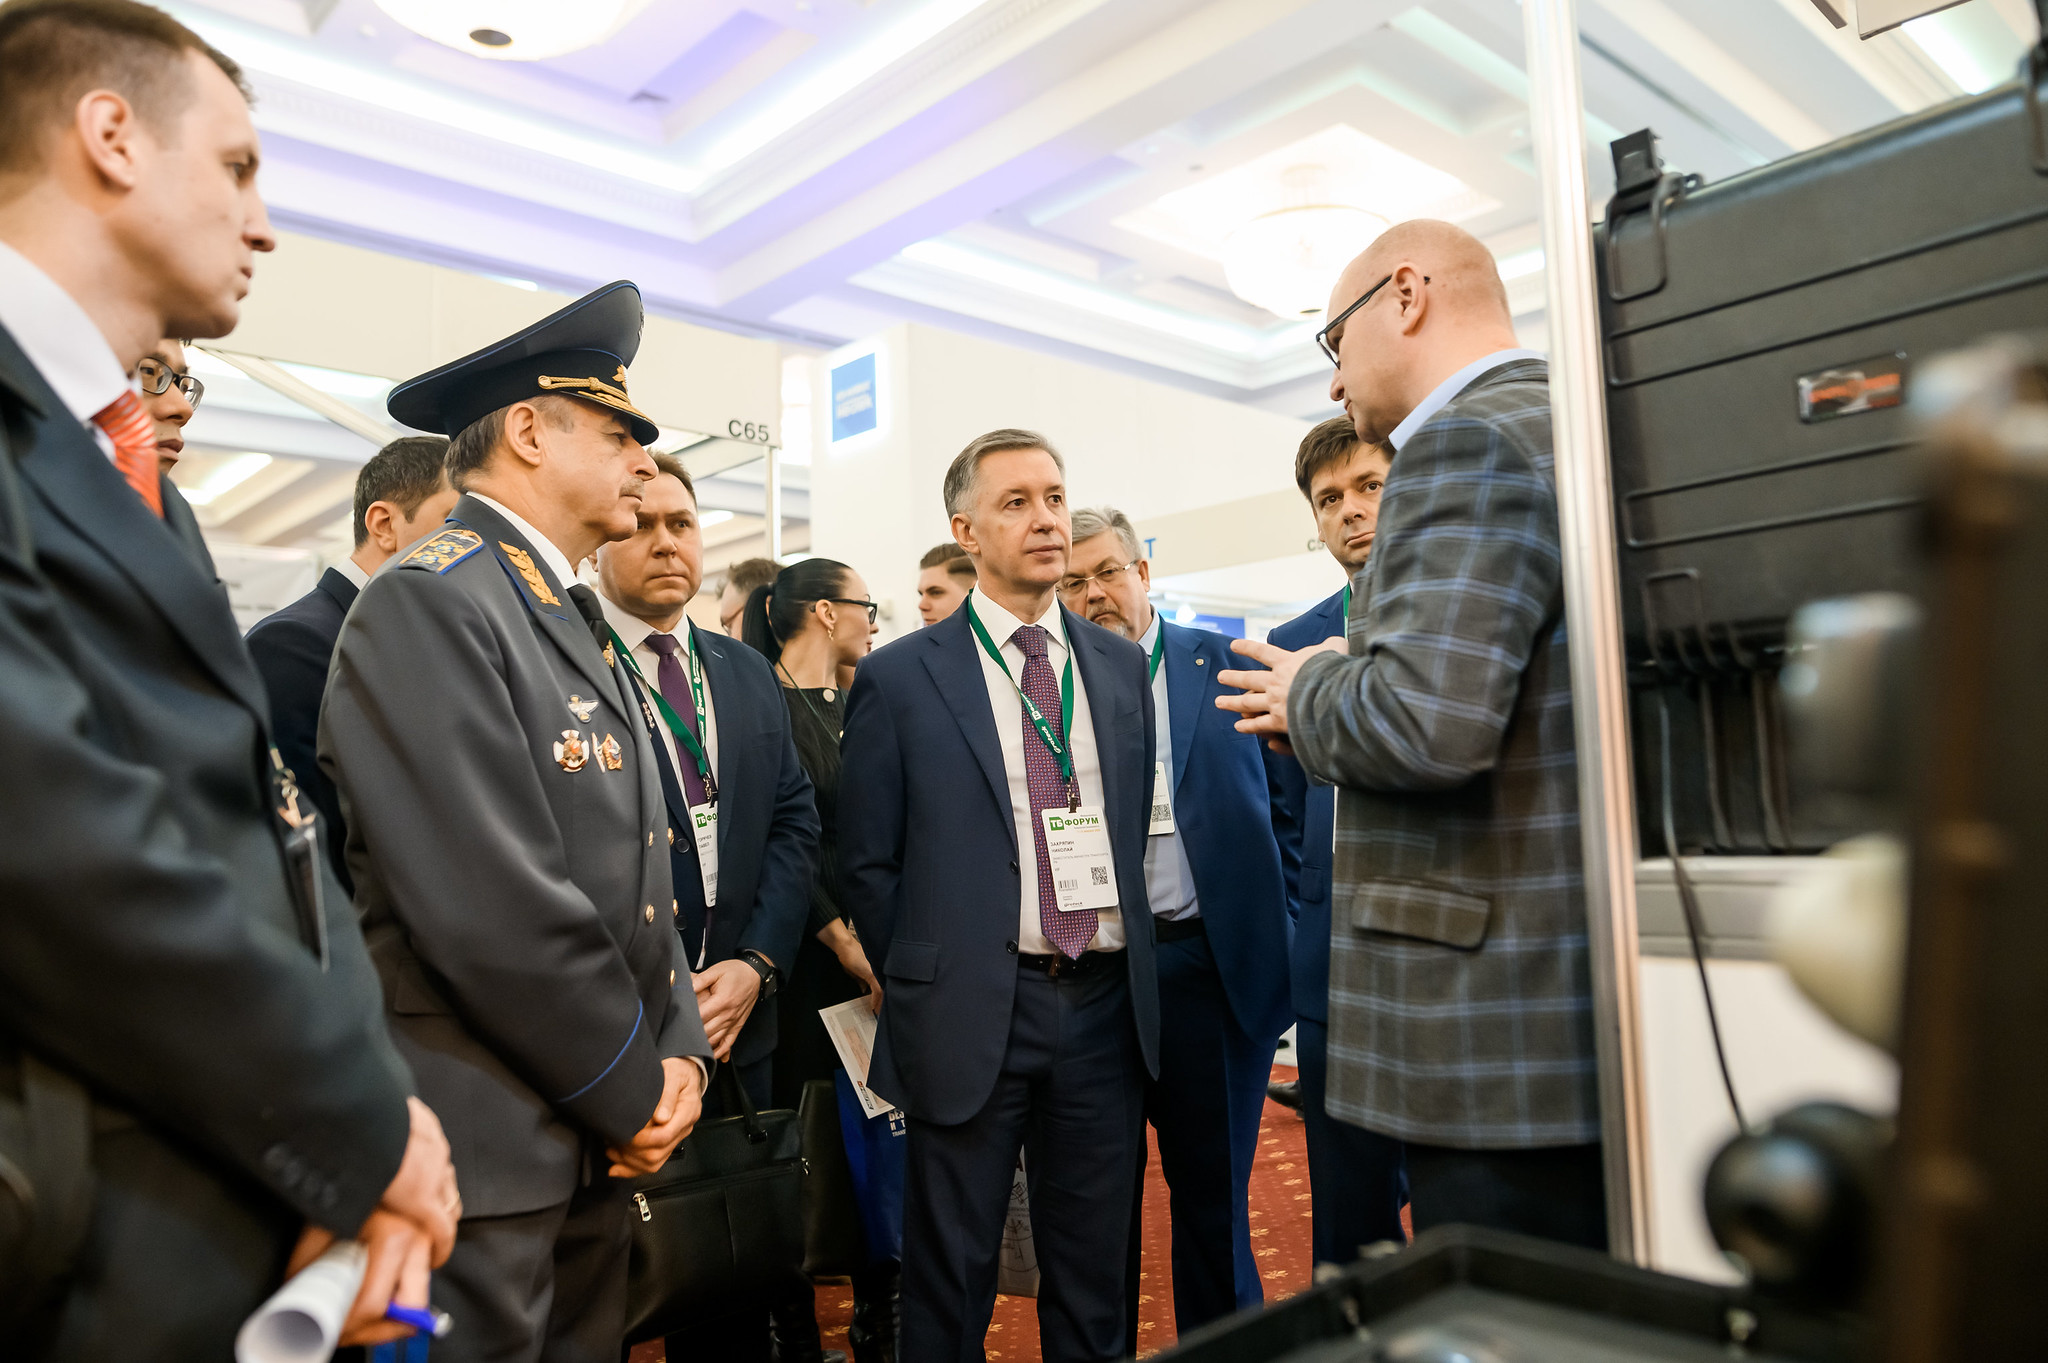 Интер РАО-Электрогенерация потратит на услуги в области пожарной безопасности свыше 120 млн рублей